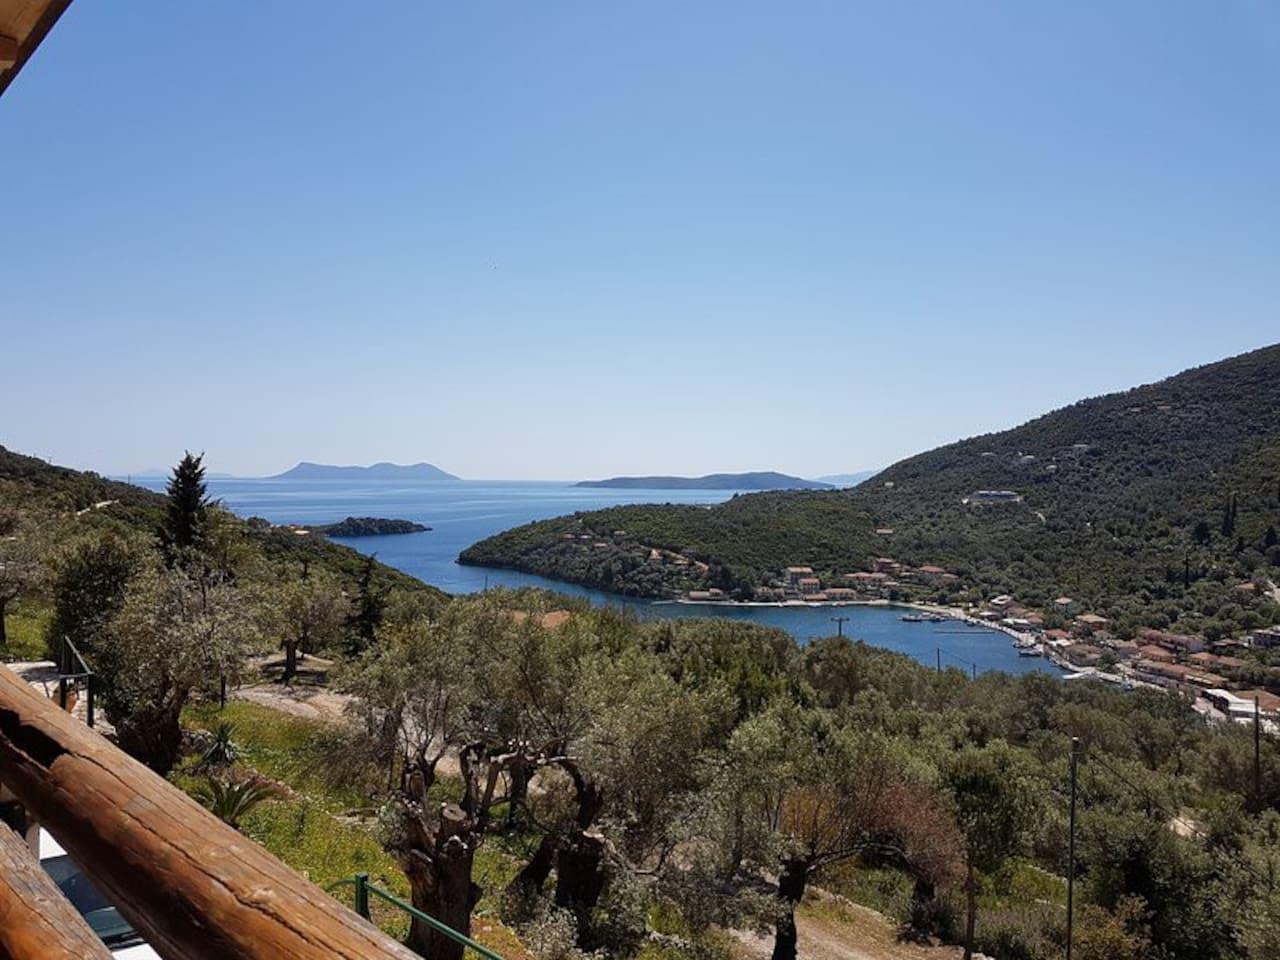 The view from Villa Priscilla